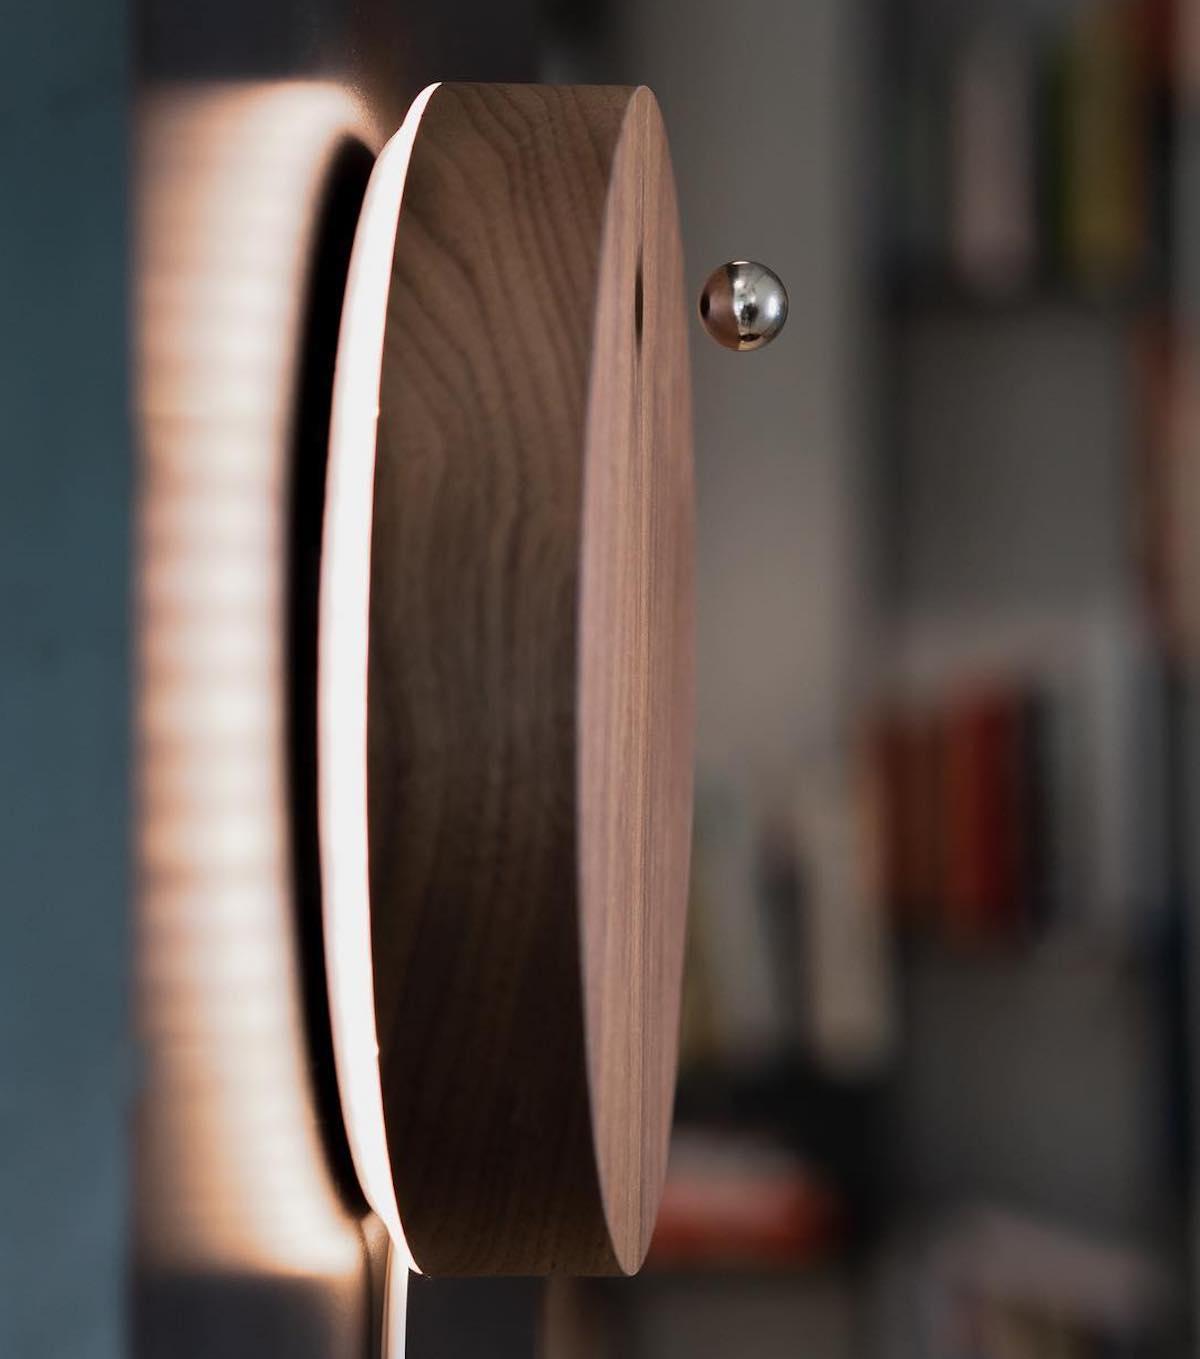 人間が体感する独特な時間感覚を視覚化。磁力で浮遊する「時の球体」。あなたの物語を乗せた時計|Flyte STORY